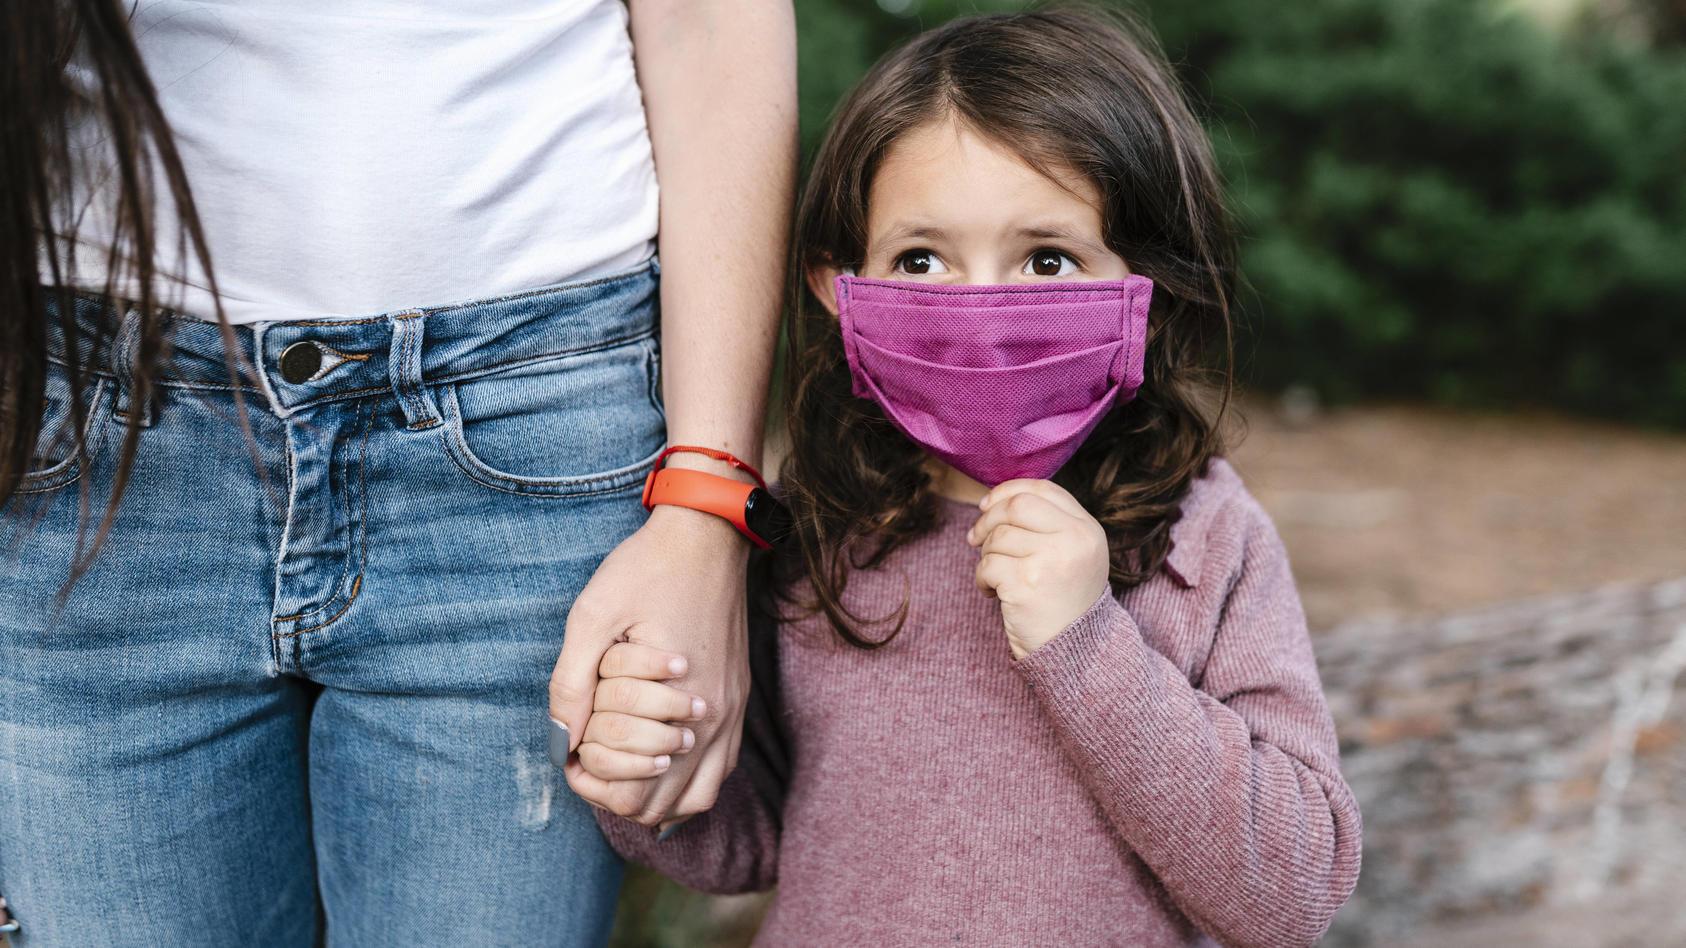 Bei Kindern und Jugendlichen häufen sich Beschwerden durch das Tragen eines Mund-Nasen-Schutzes.